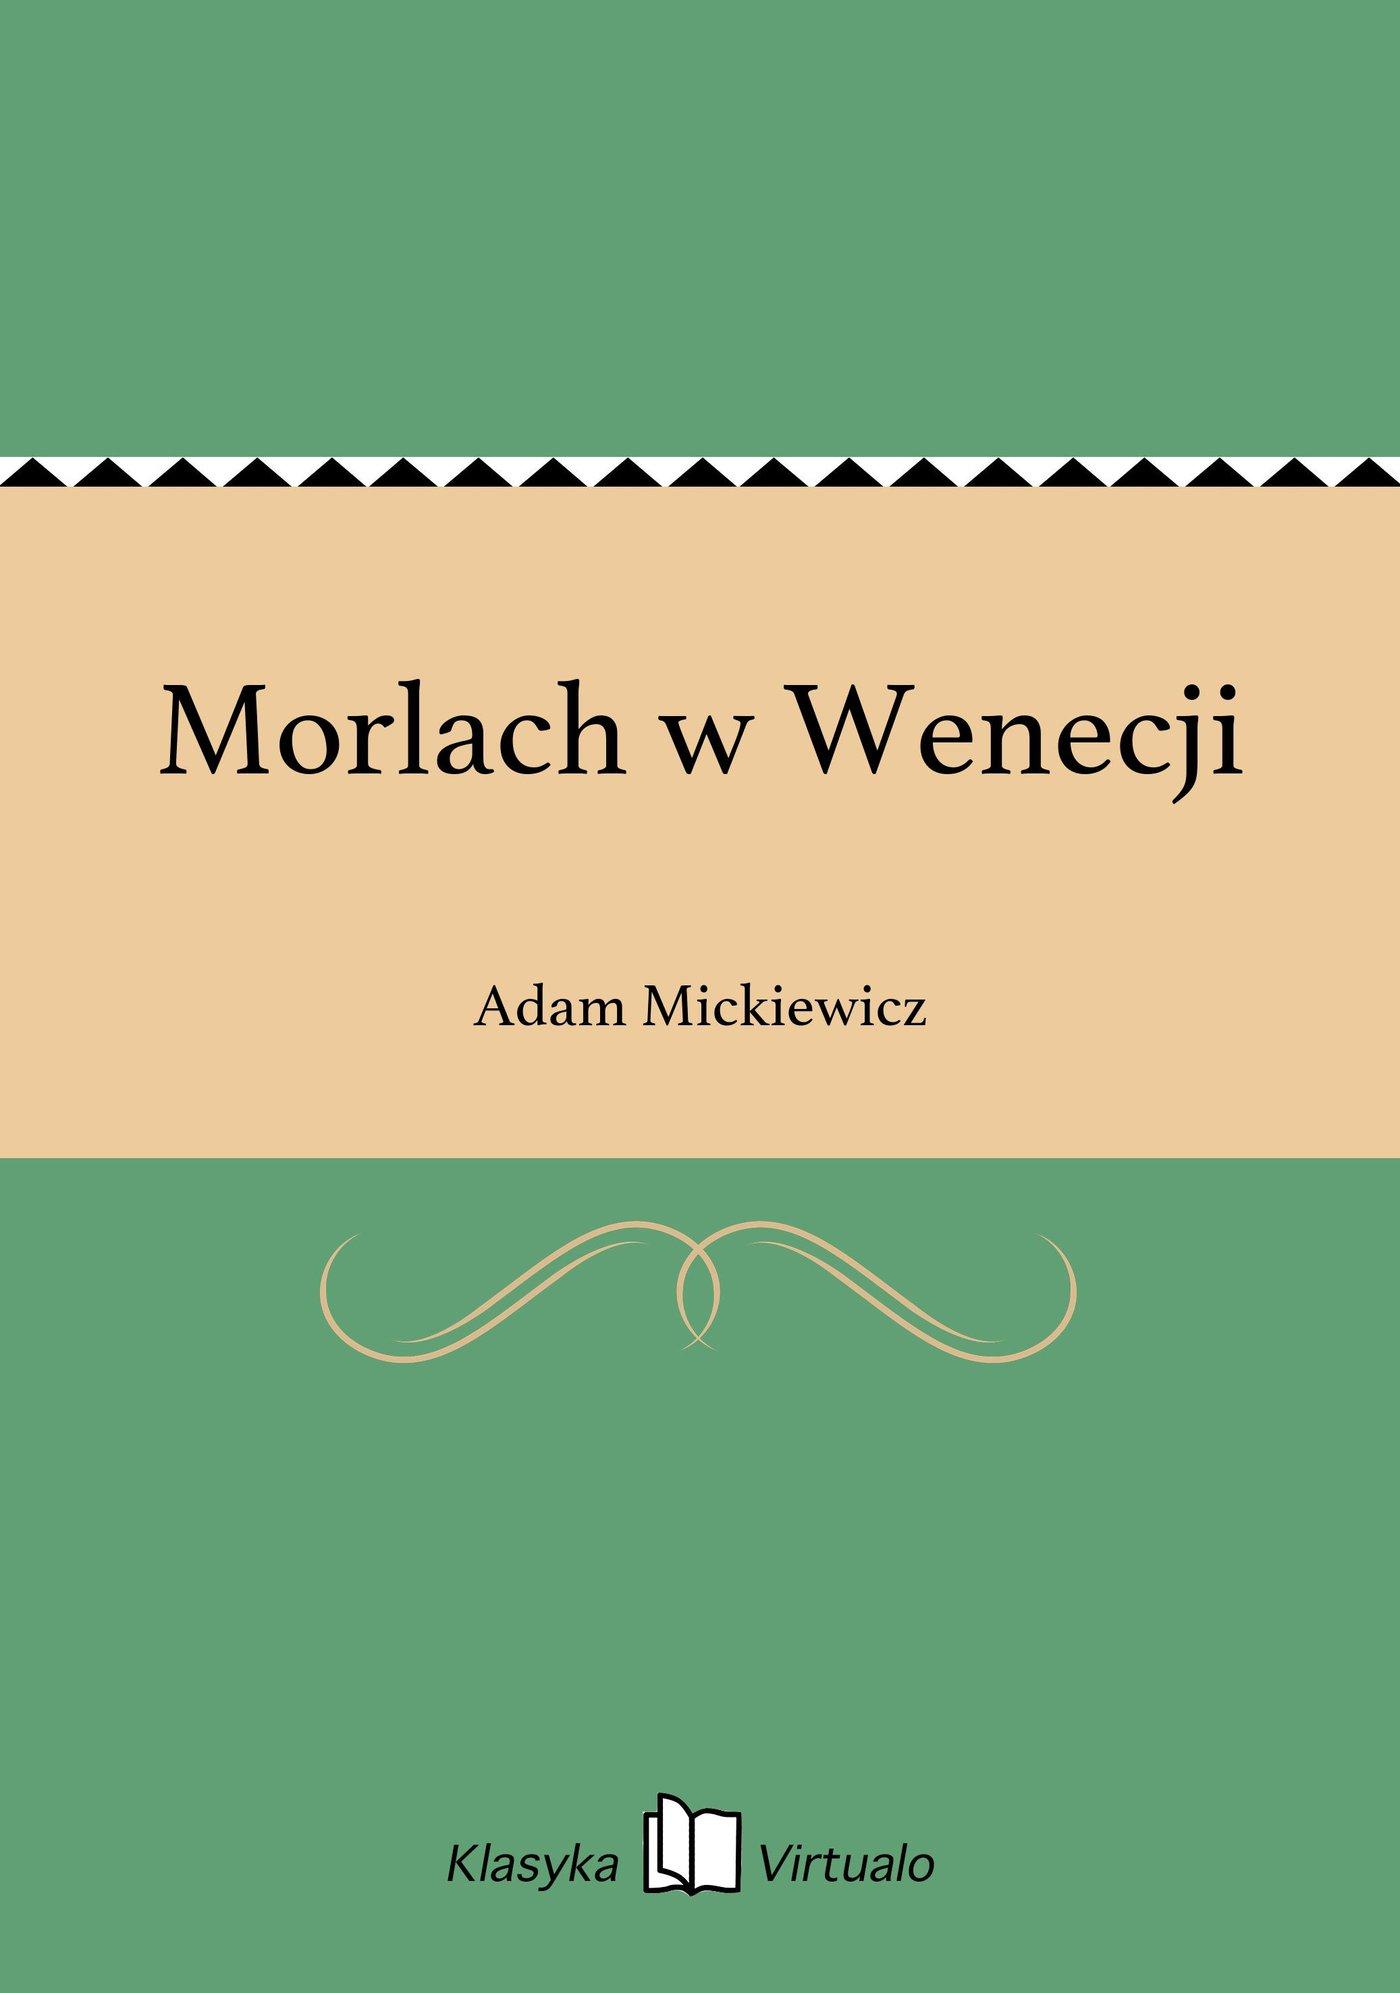 Morlach w Wenecji - Ebook (Książka na Kindle) do pobrania w formacie MOBI